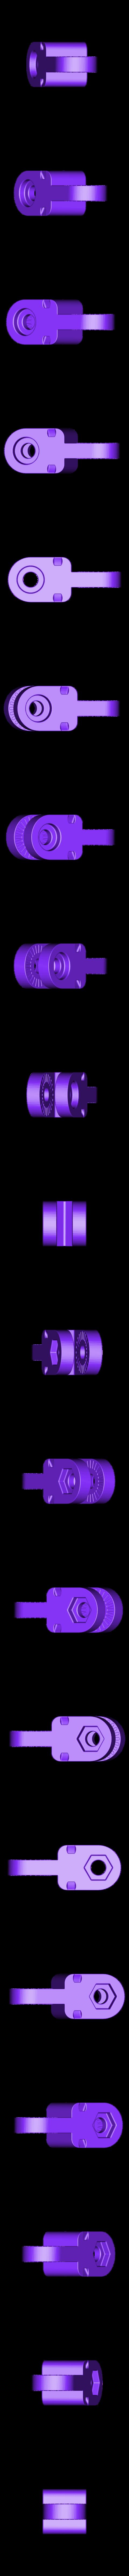 mfLink_90.STL Télécharger fichier STL gratuit Monture de caméra articulée Raspberry Pi pour Prusa MK3 • Design à imprimer en 3D, sneaks